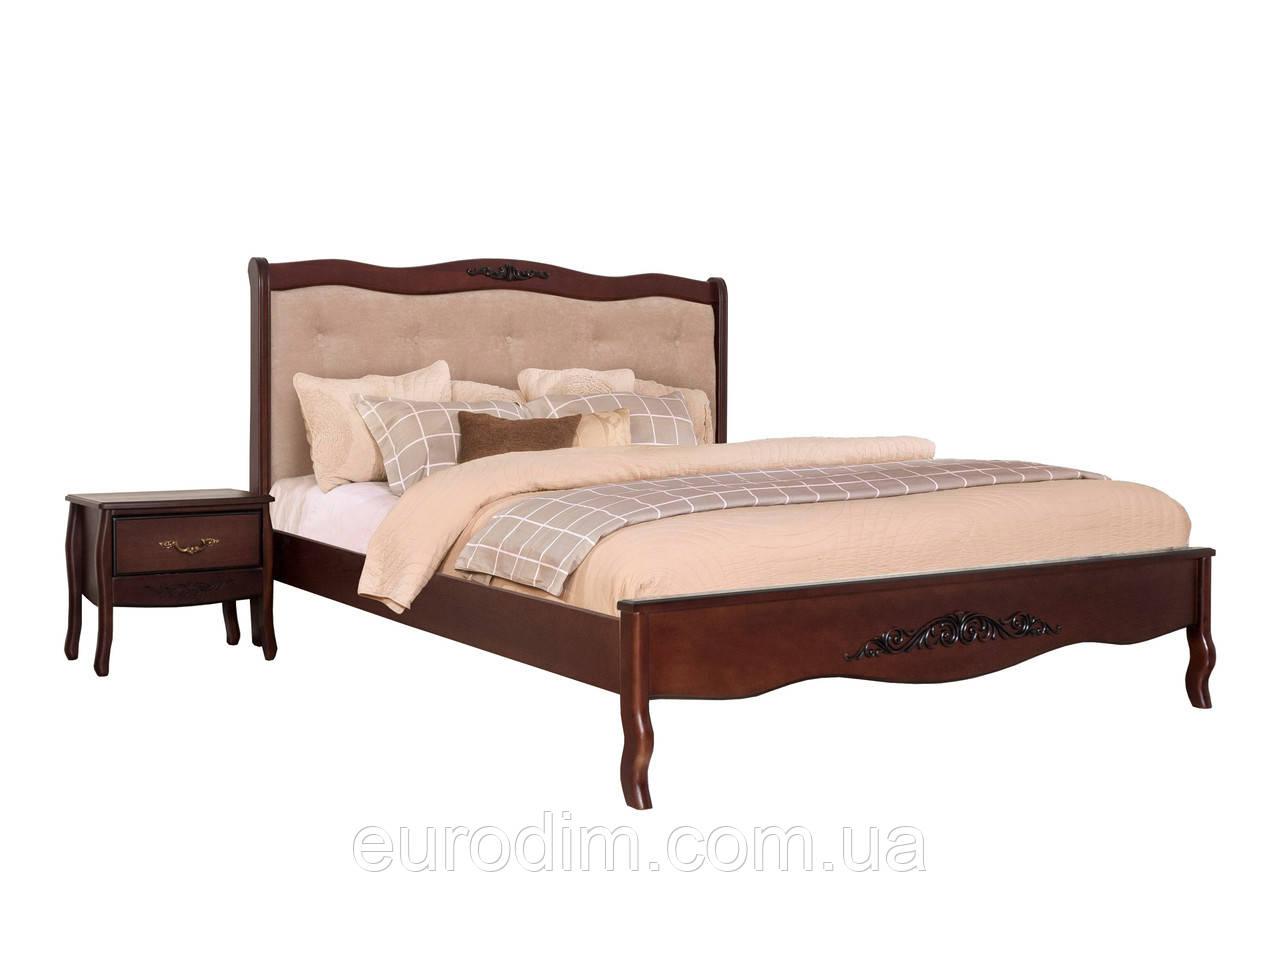 Кровать Александрия 140*200 Орех